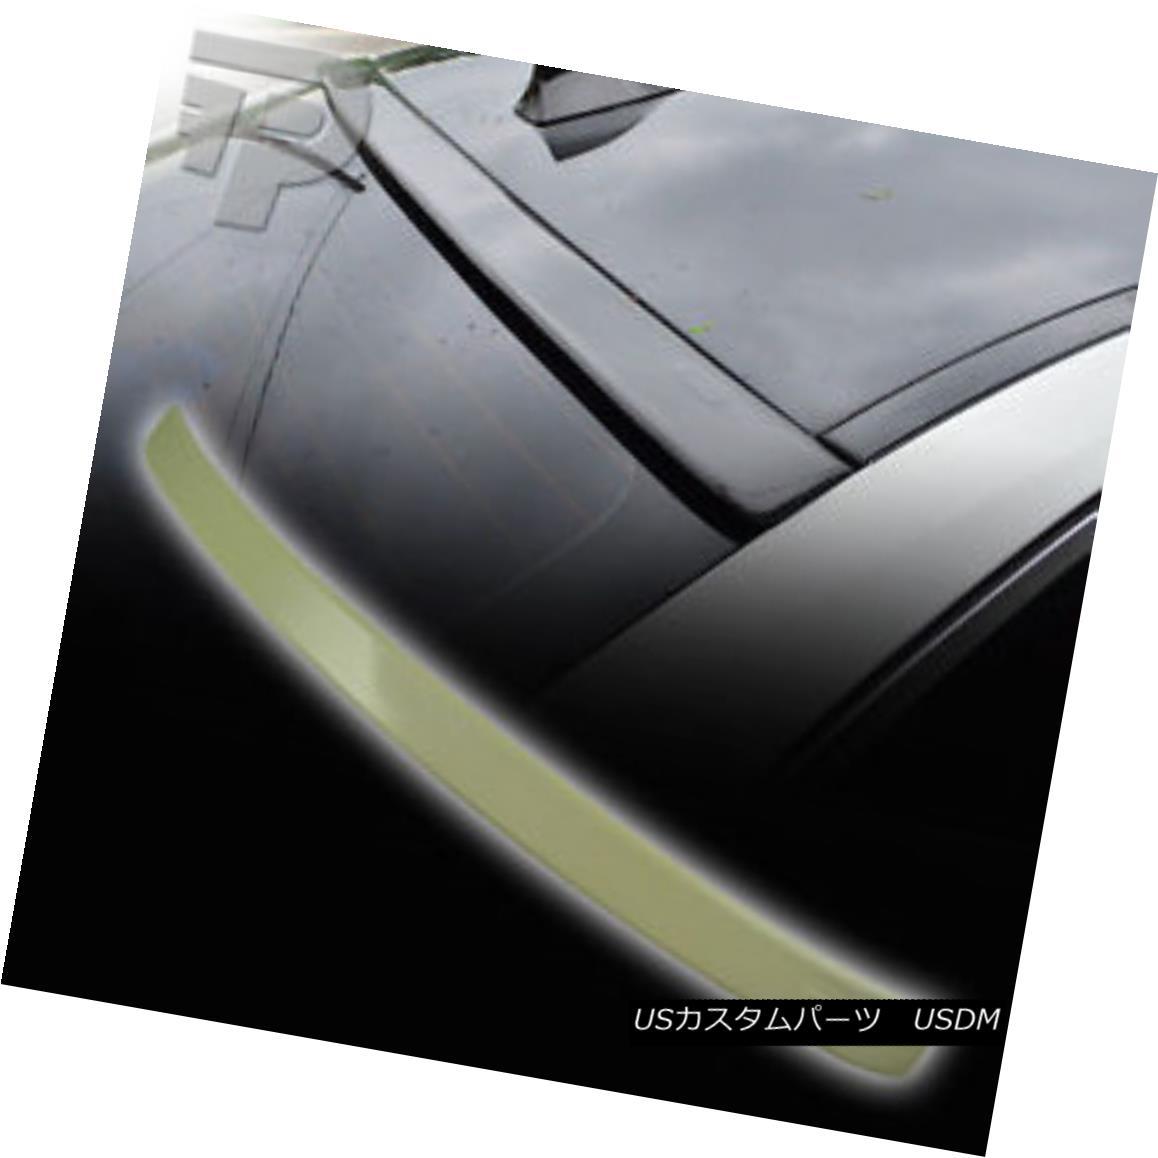 エアロパーツ PAINTED BMW F10 4DR SEDAN A TYPE ROOF SPOILER REAR 11+ 塗装BMW F10 4DRセダンAタイプスポイラーリア11+